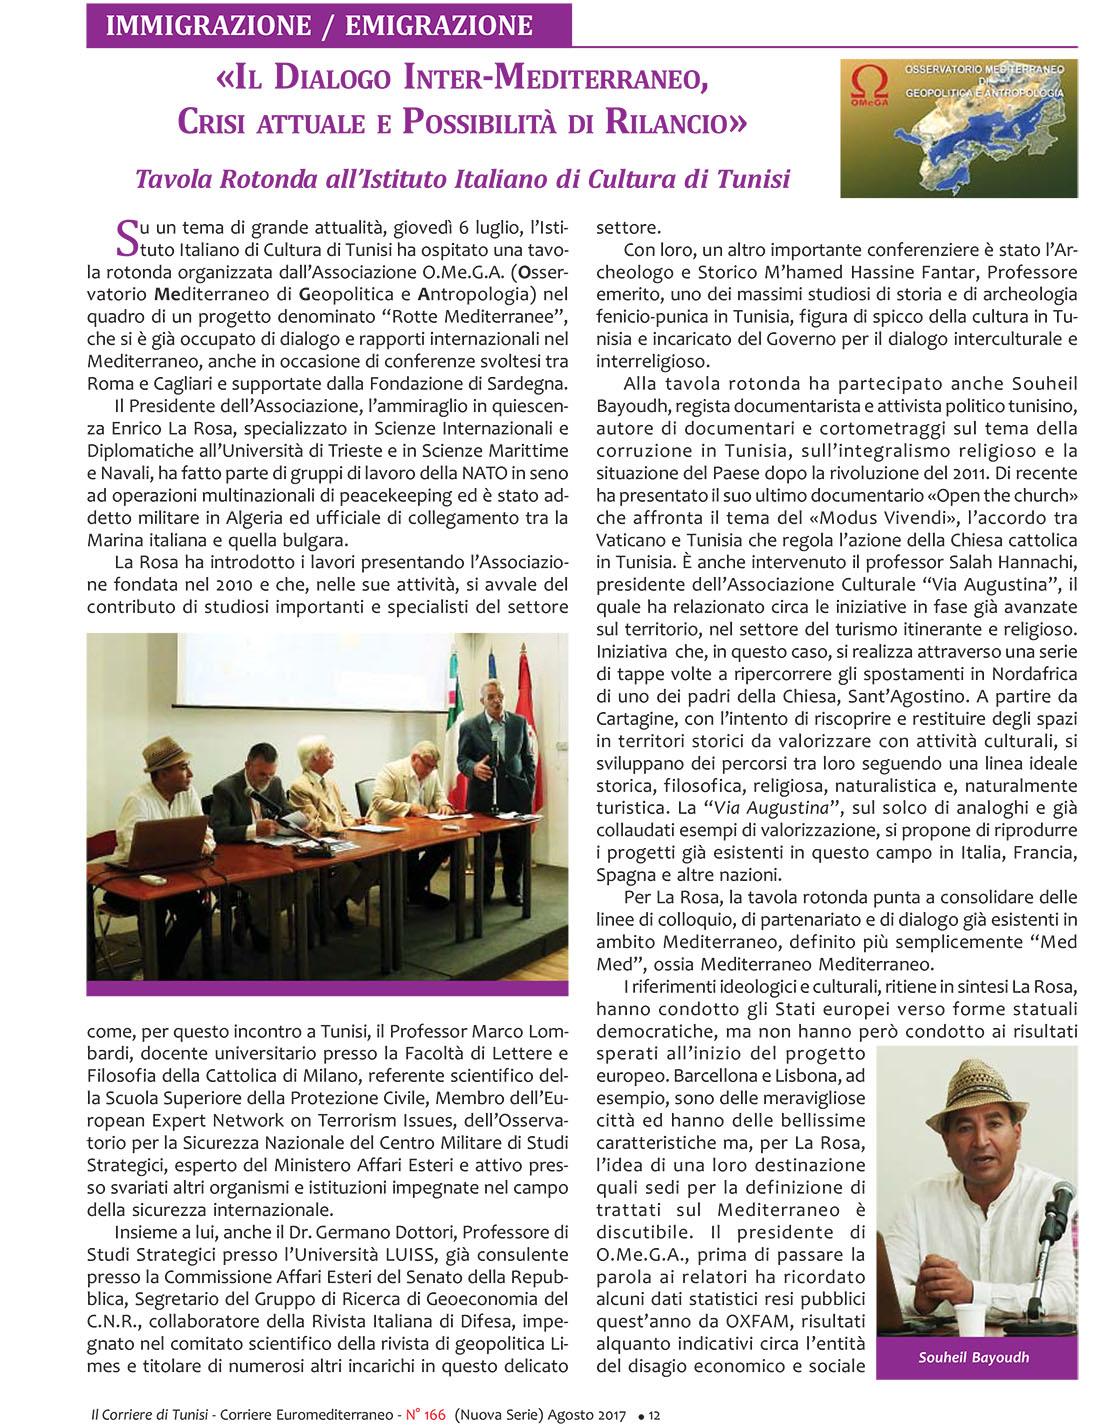 «IL DIALOGO INTER-MEDITERRANEO, CRISI ATTUALE E POSSIBILITÀ DI RILANCIO» – Tavola Rotonda all'Istituto Italiano di Cultura di Tunisi»